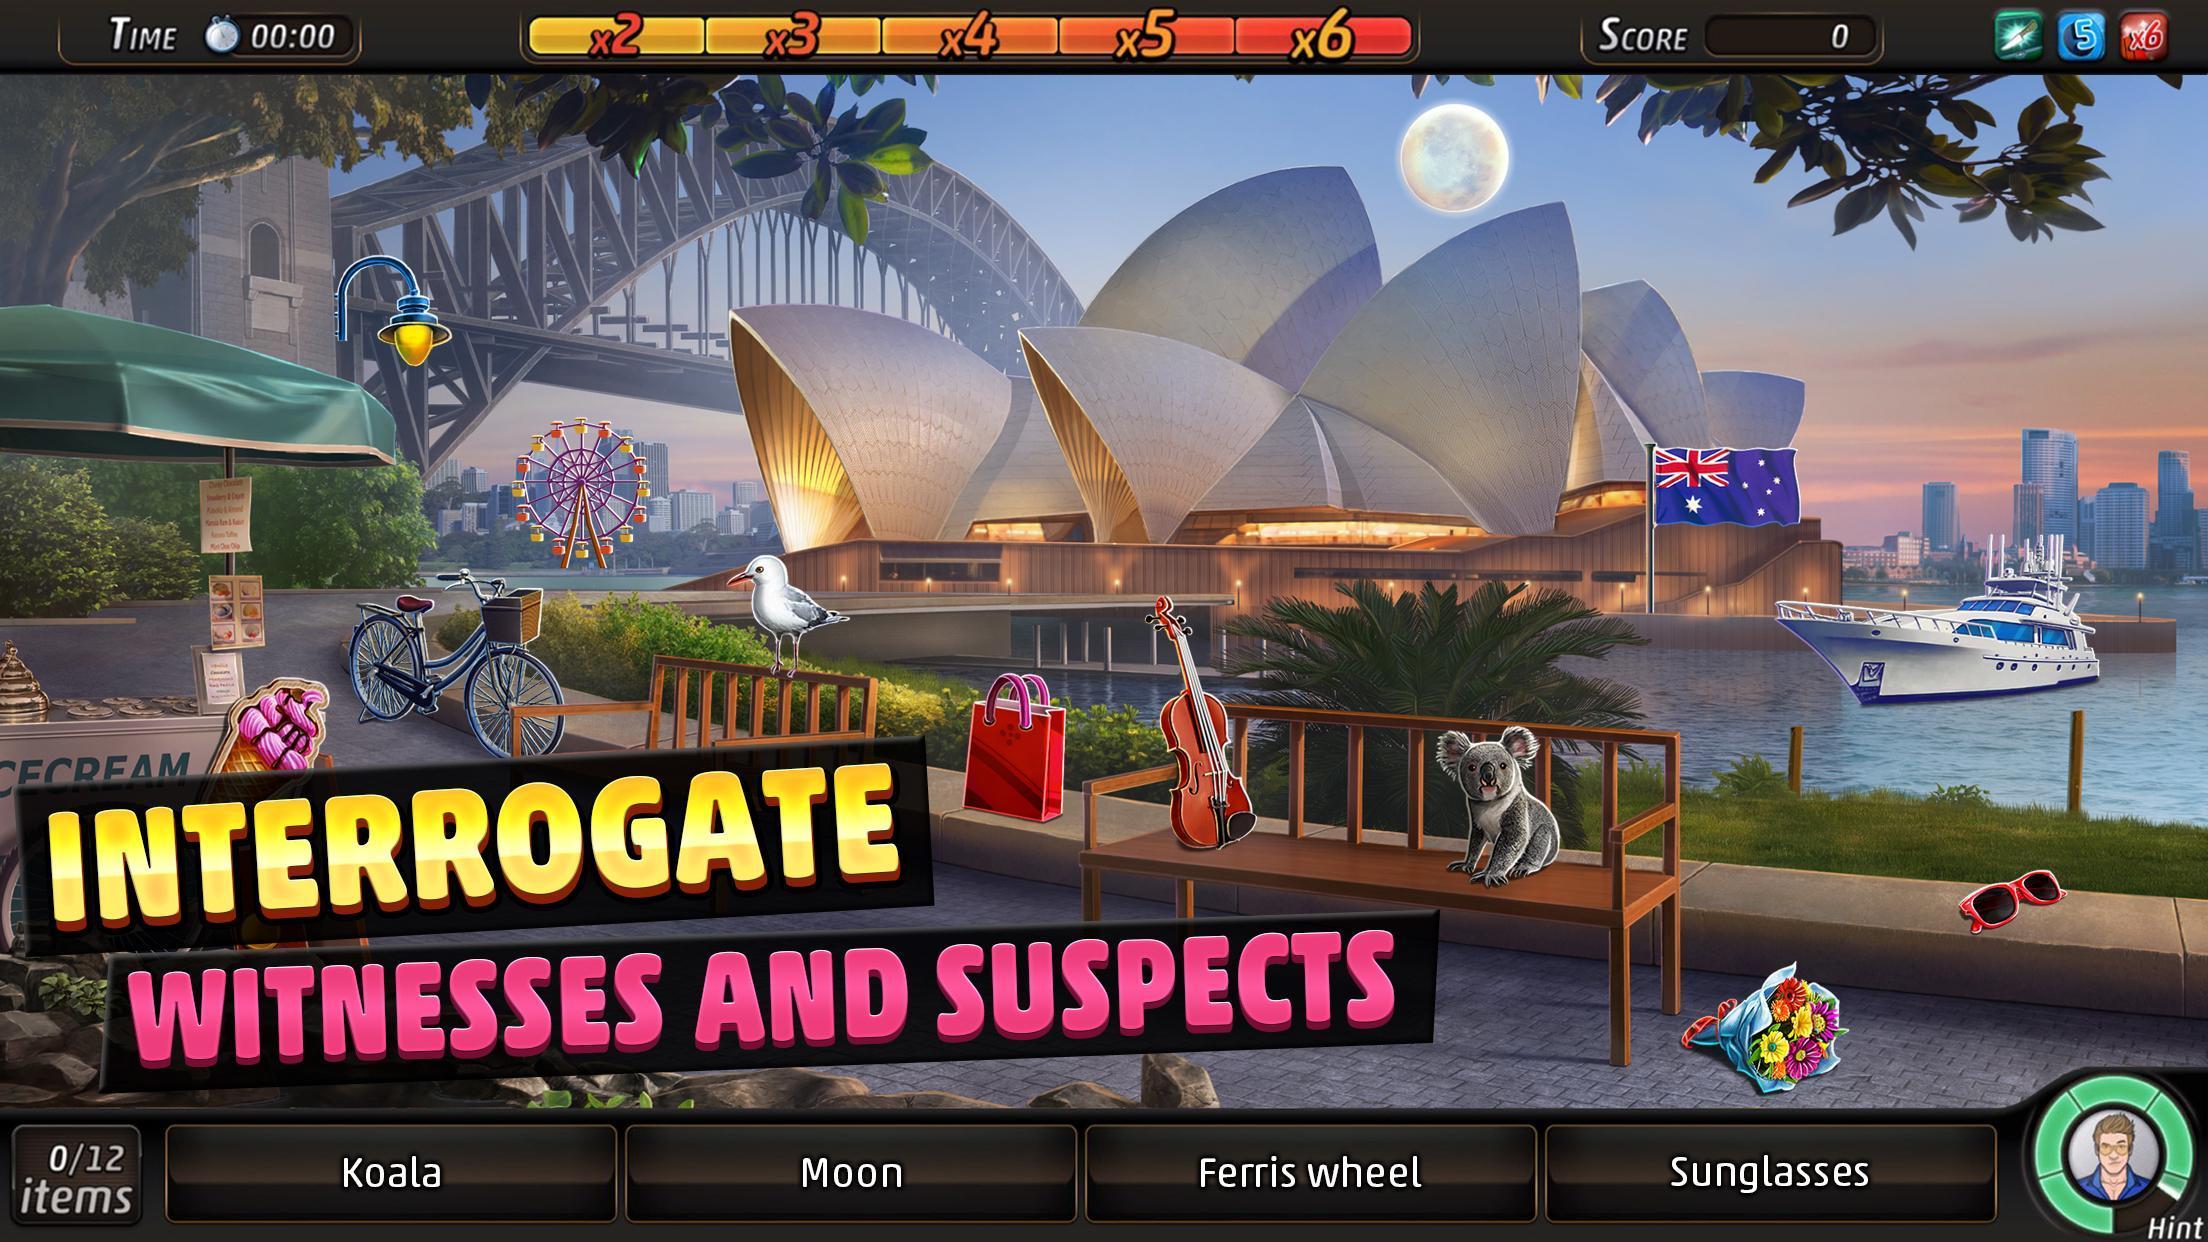 Criminal Case: Save the World! 2.33 Screenshot 4